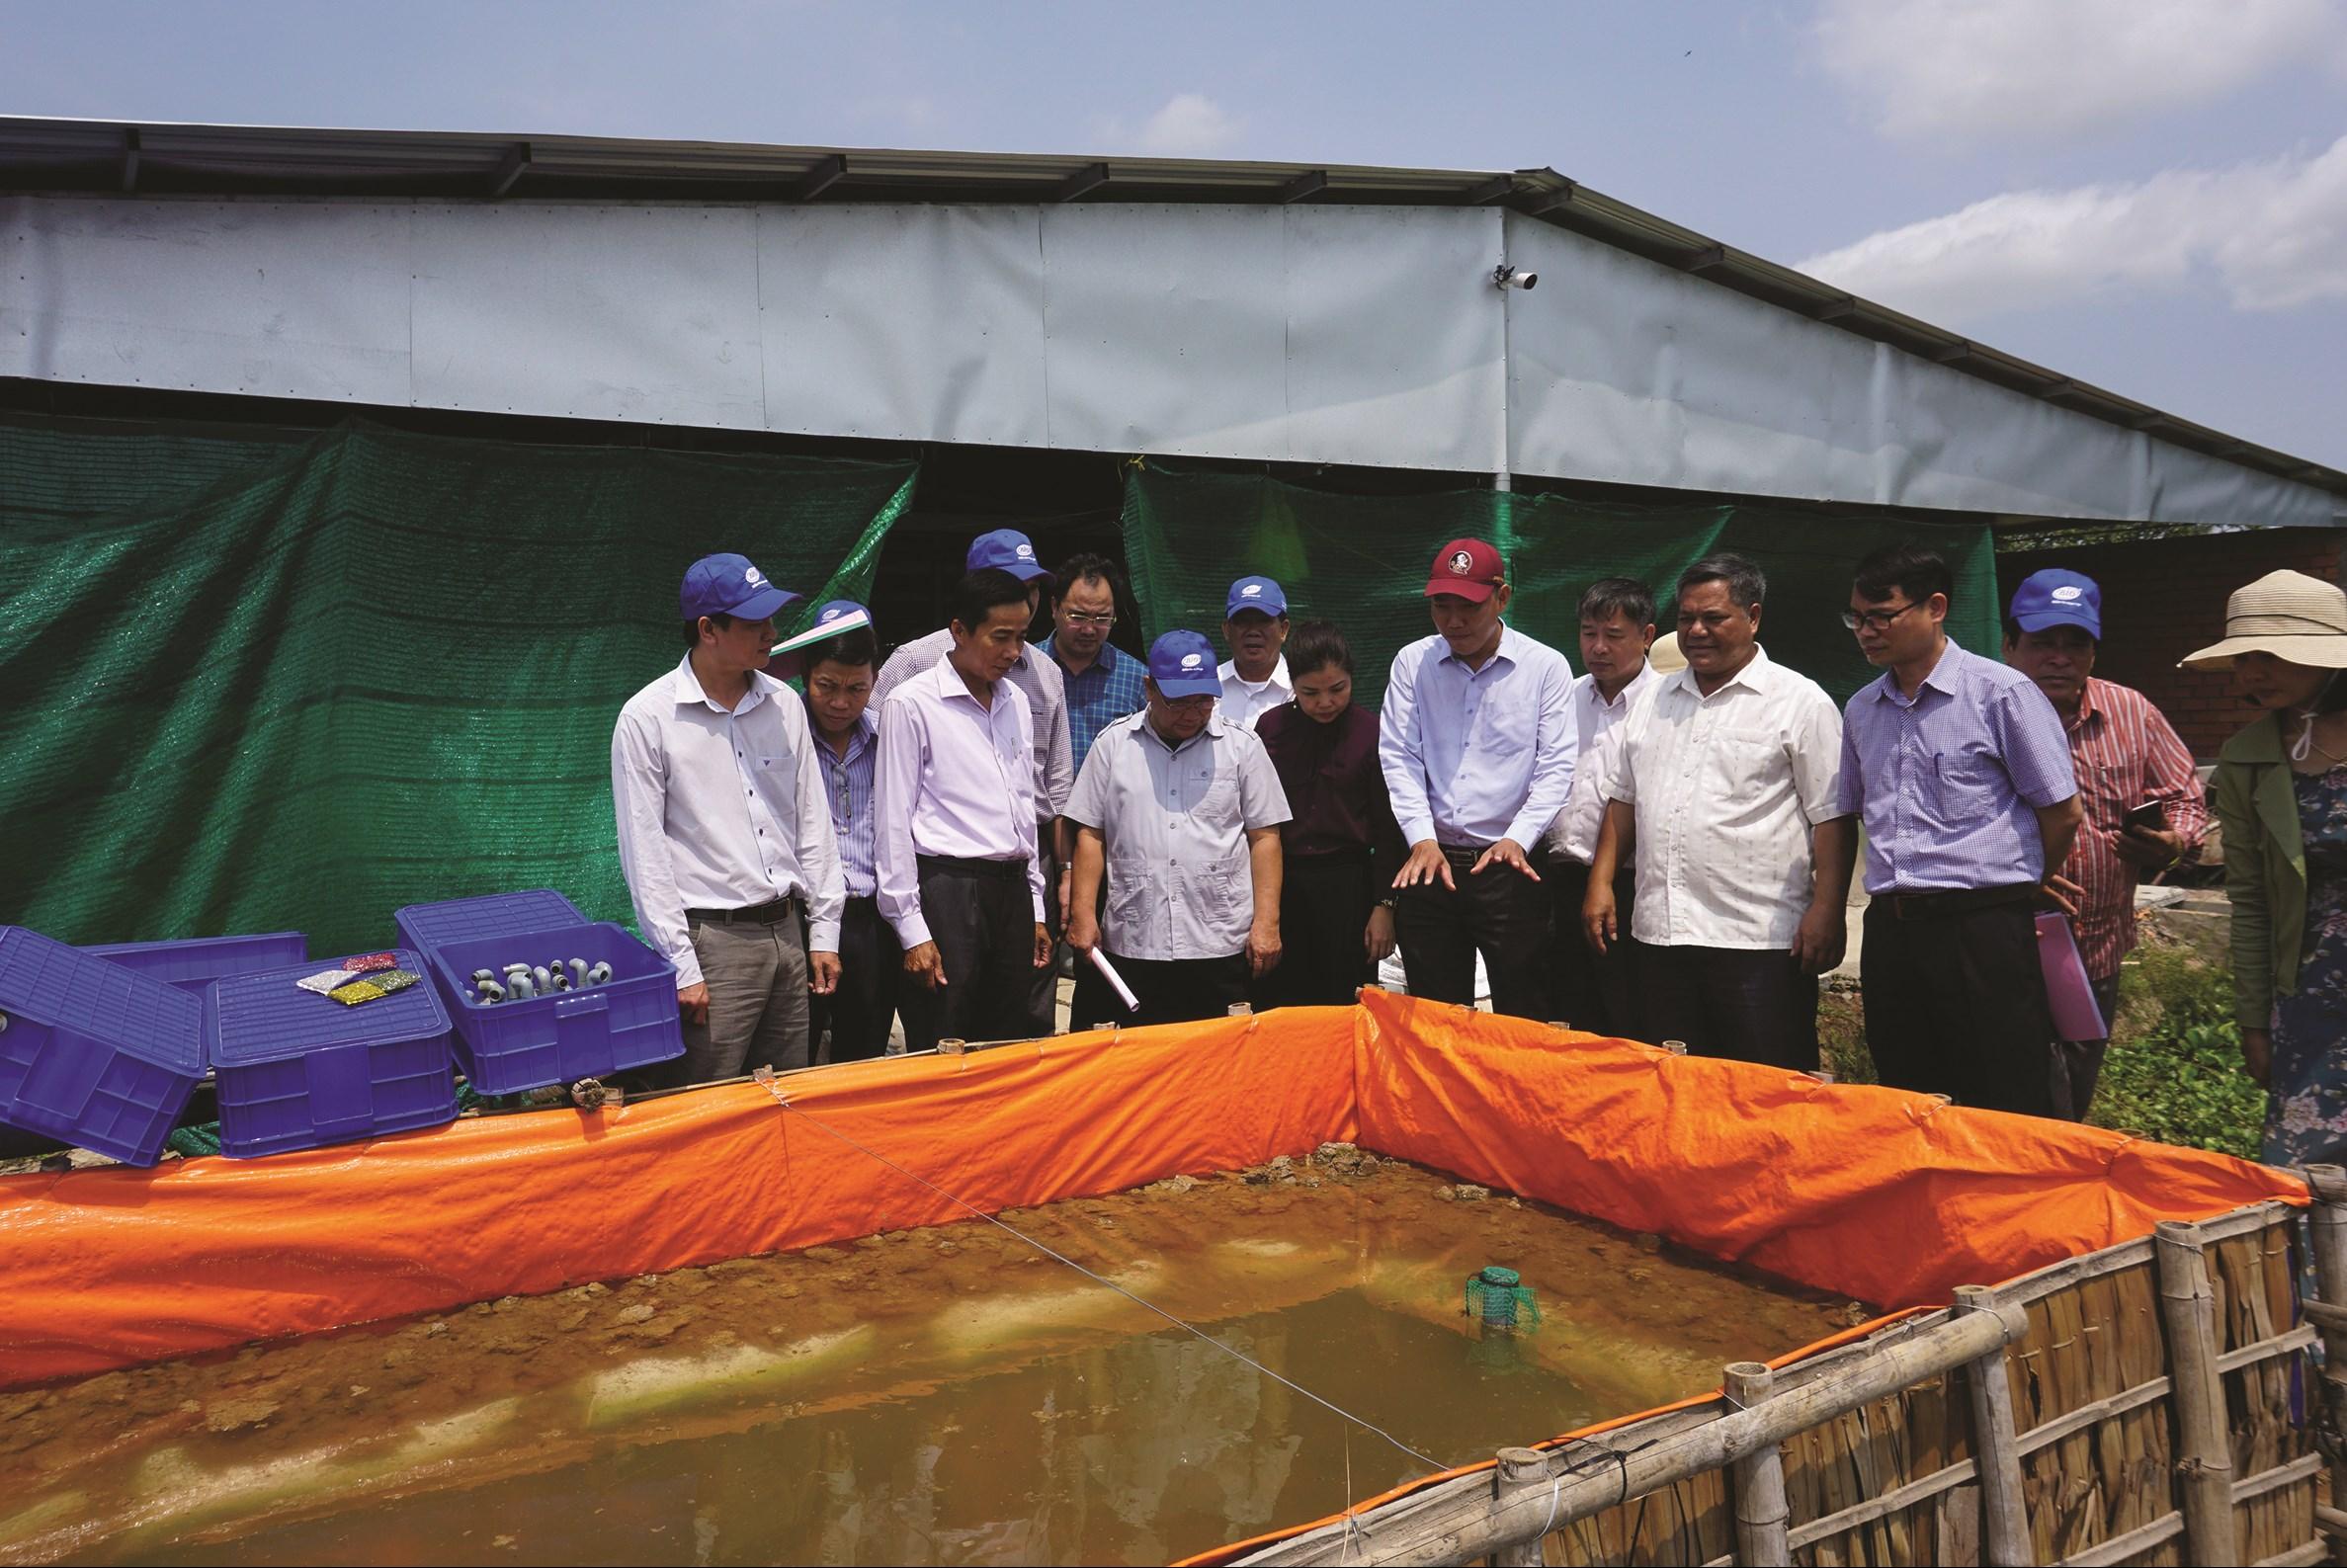 Trung ương Hội Nông dân thăm quan các mô hình chuyển đổi sản xuất của Hợp tác xã Tân Bình, huyện Bình Tân